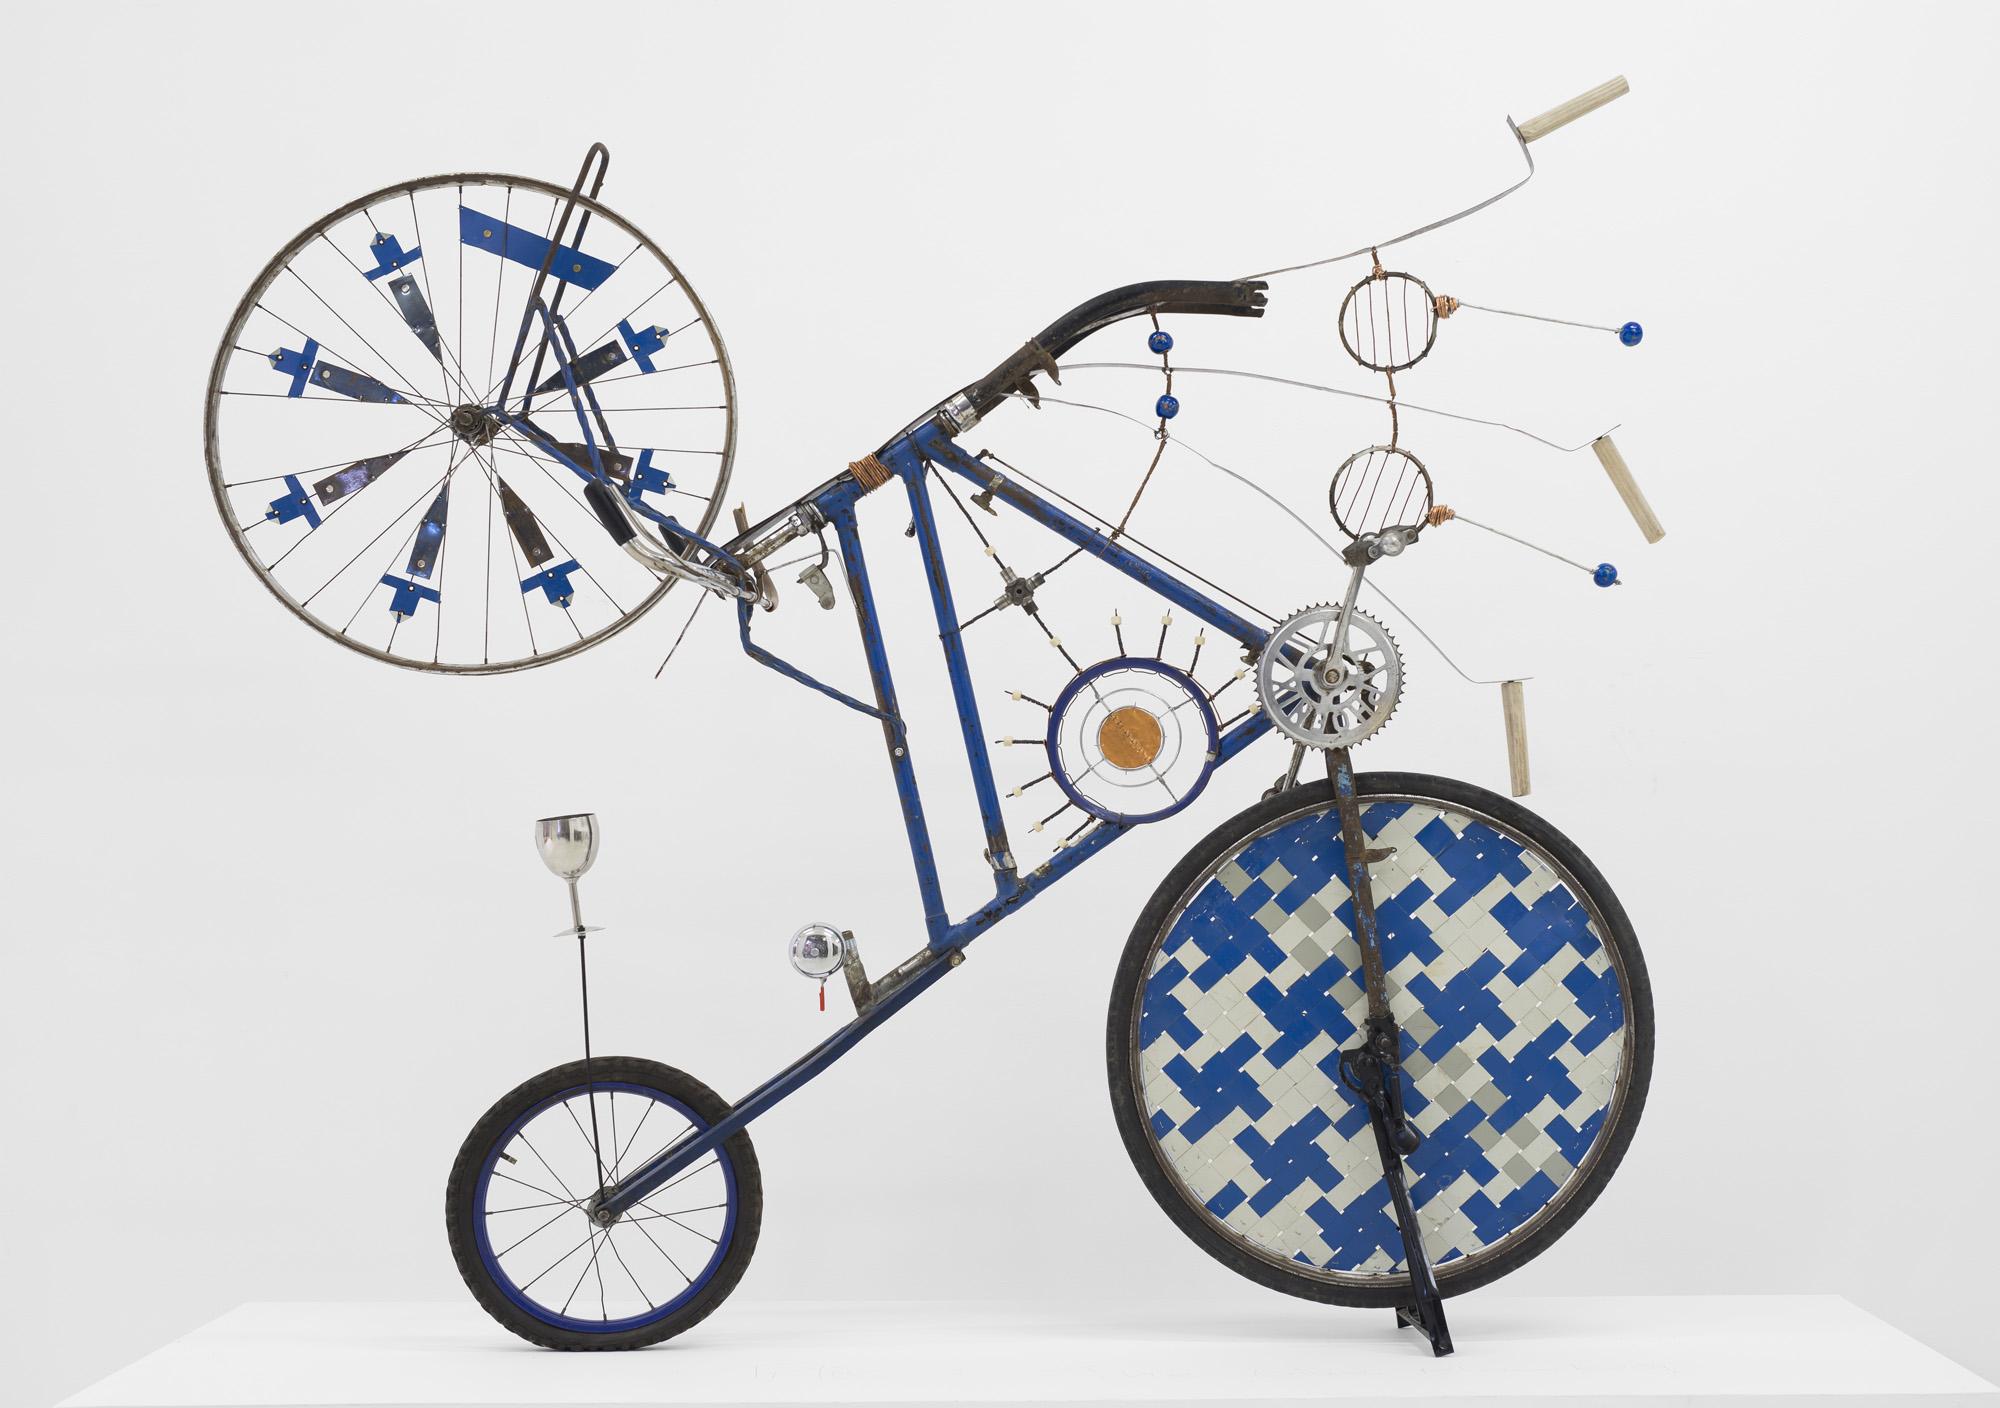 Cyrus Kabiru, The Blue Mamba, 2017